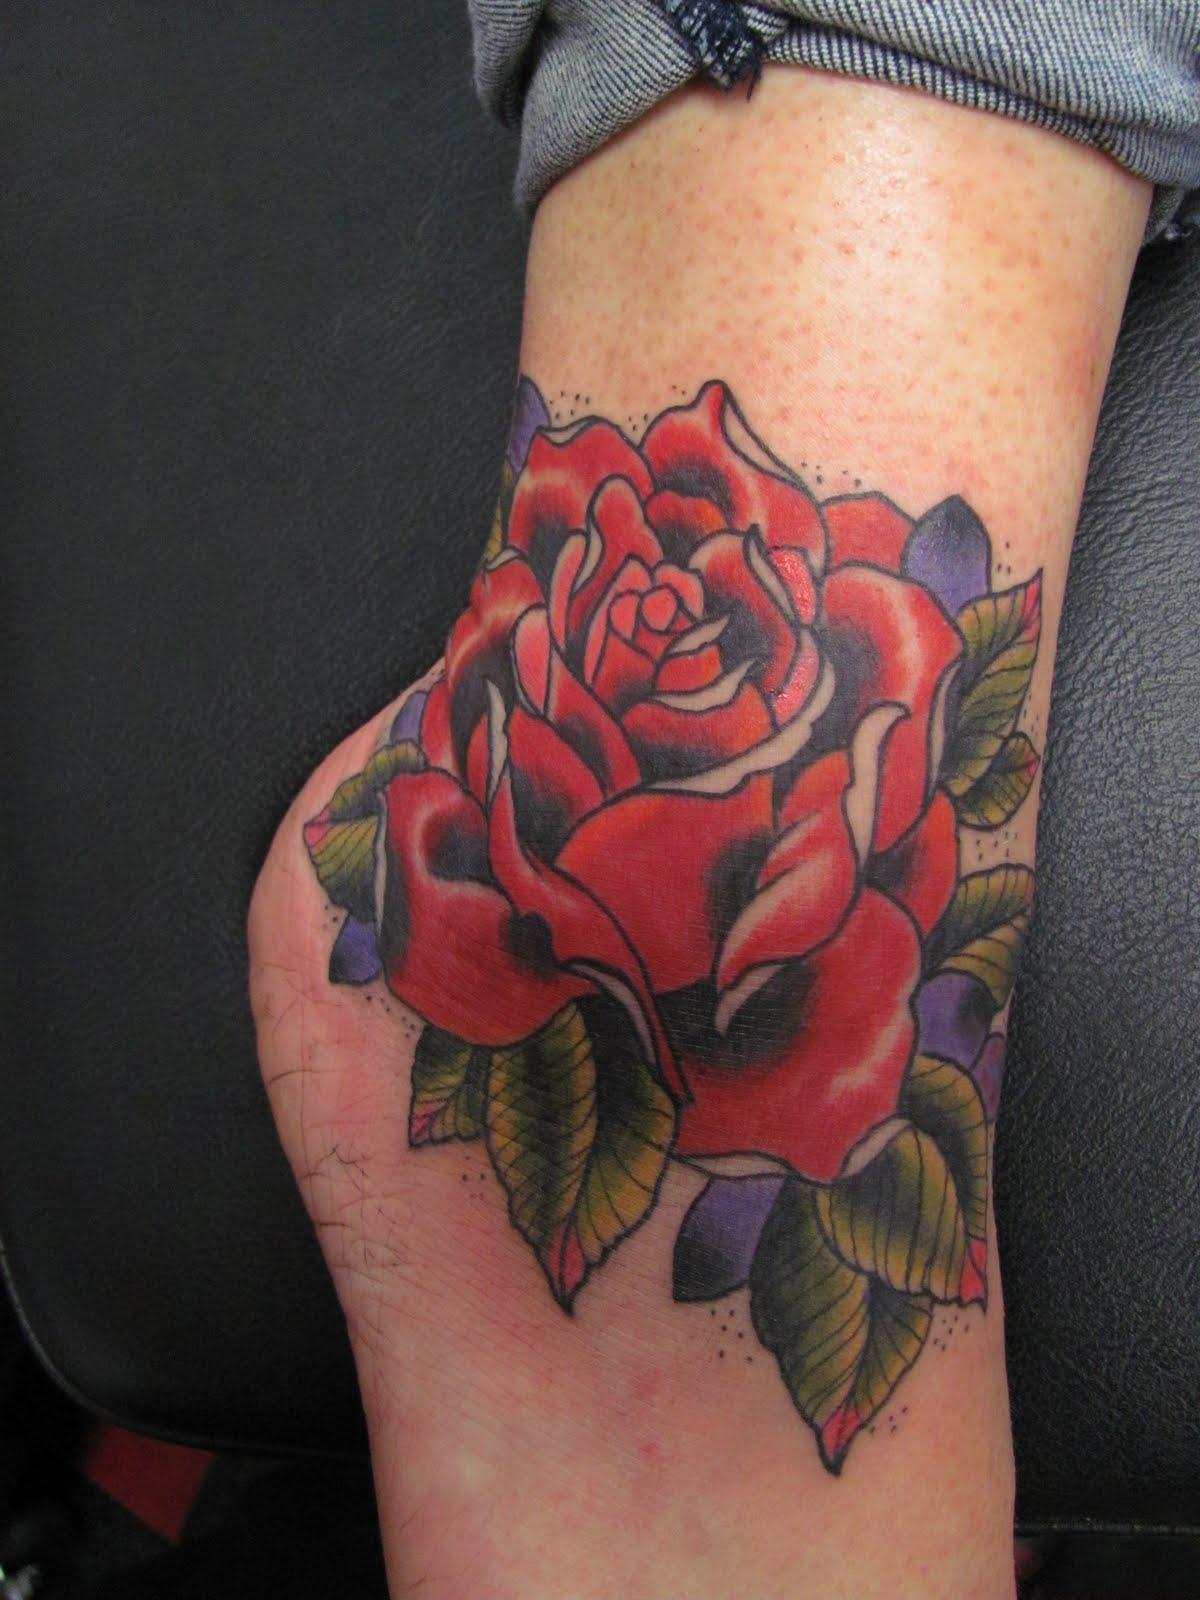 I love doing roses!